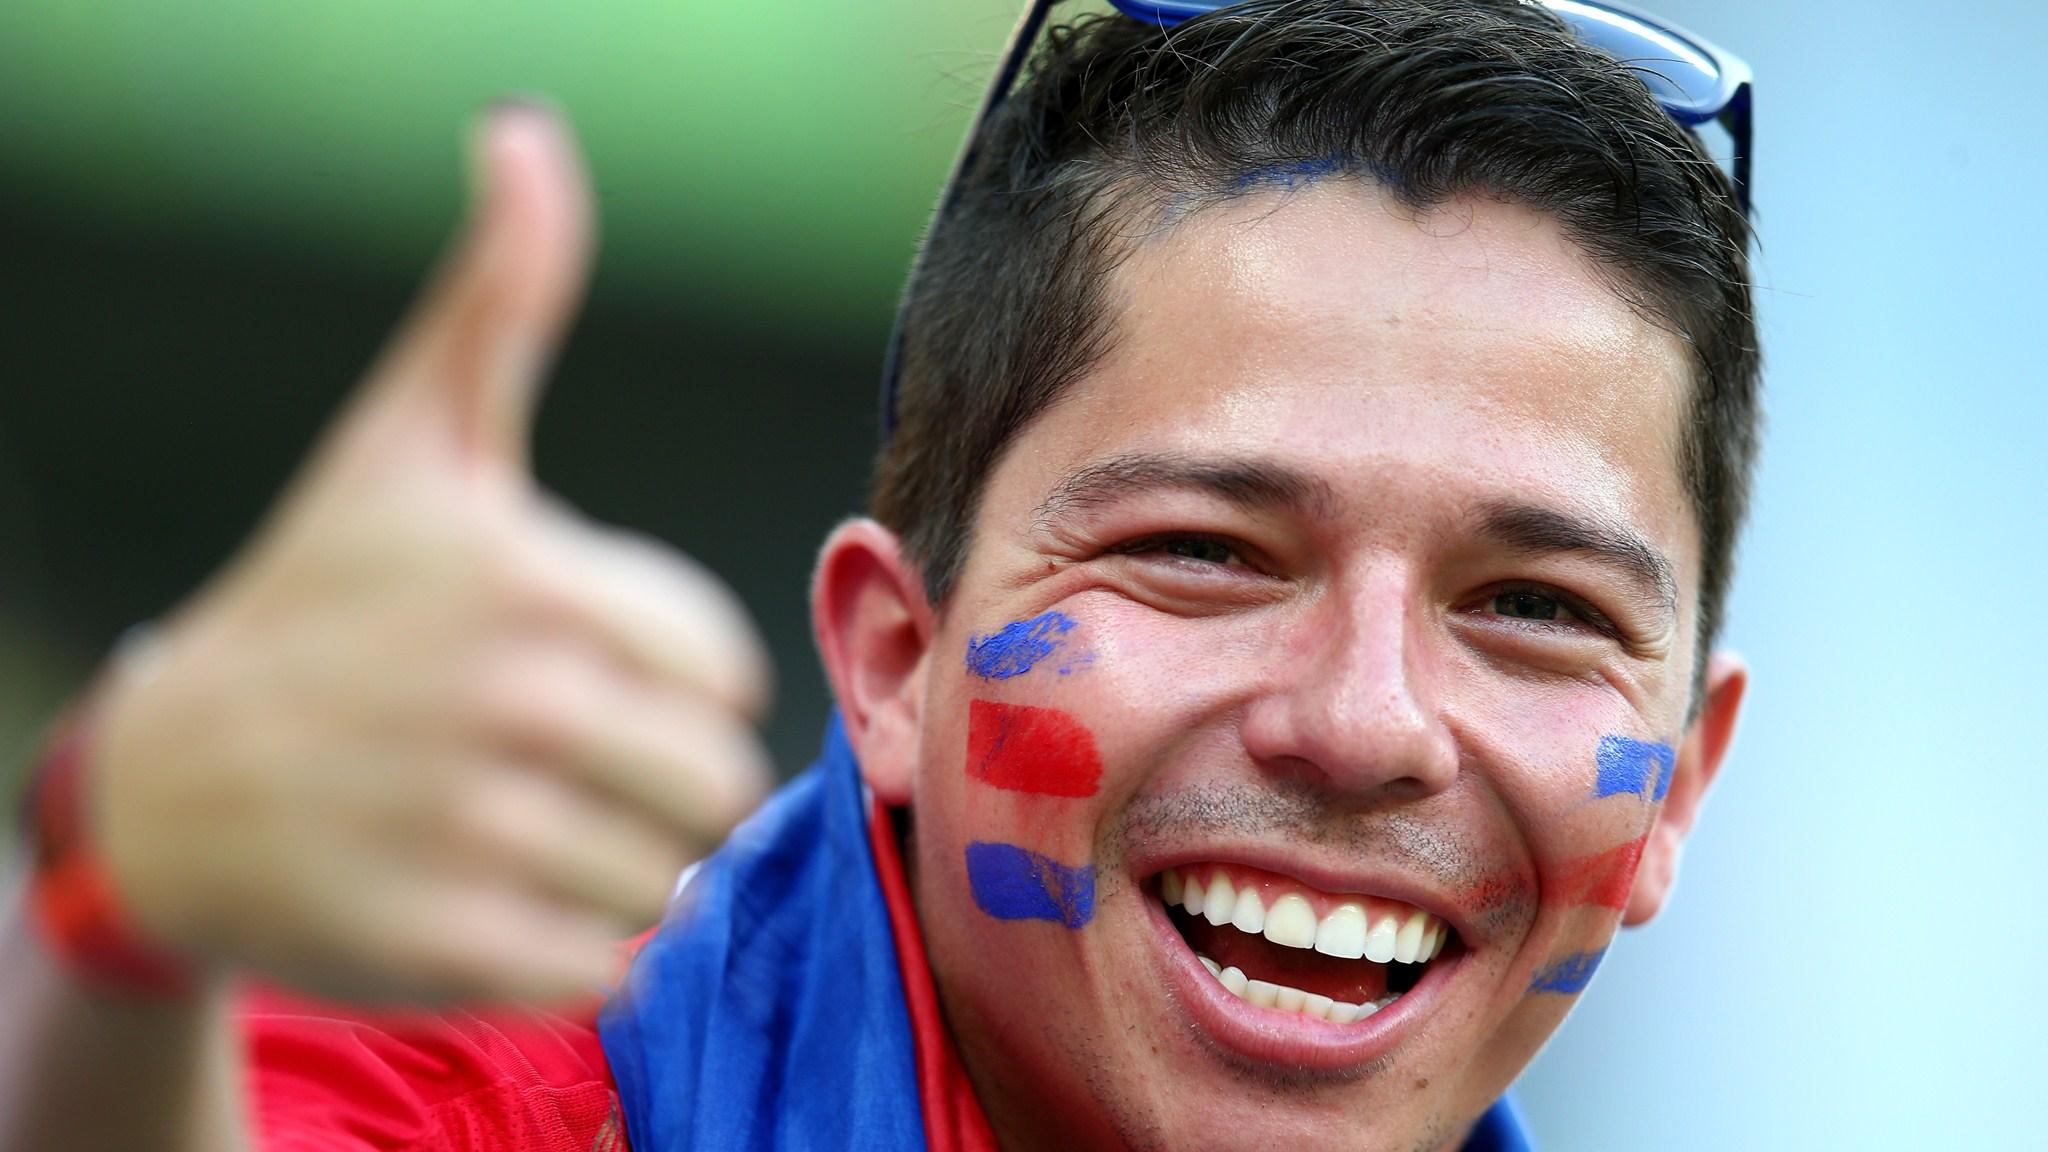 179 - Costa Rica-Greece [1-1 - Costa Rica win on penalties (5 - 3)] -- 29 Jun 2014 - 17-00 - kuaza